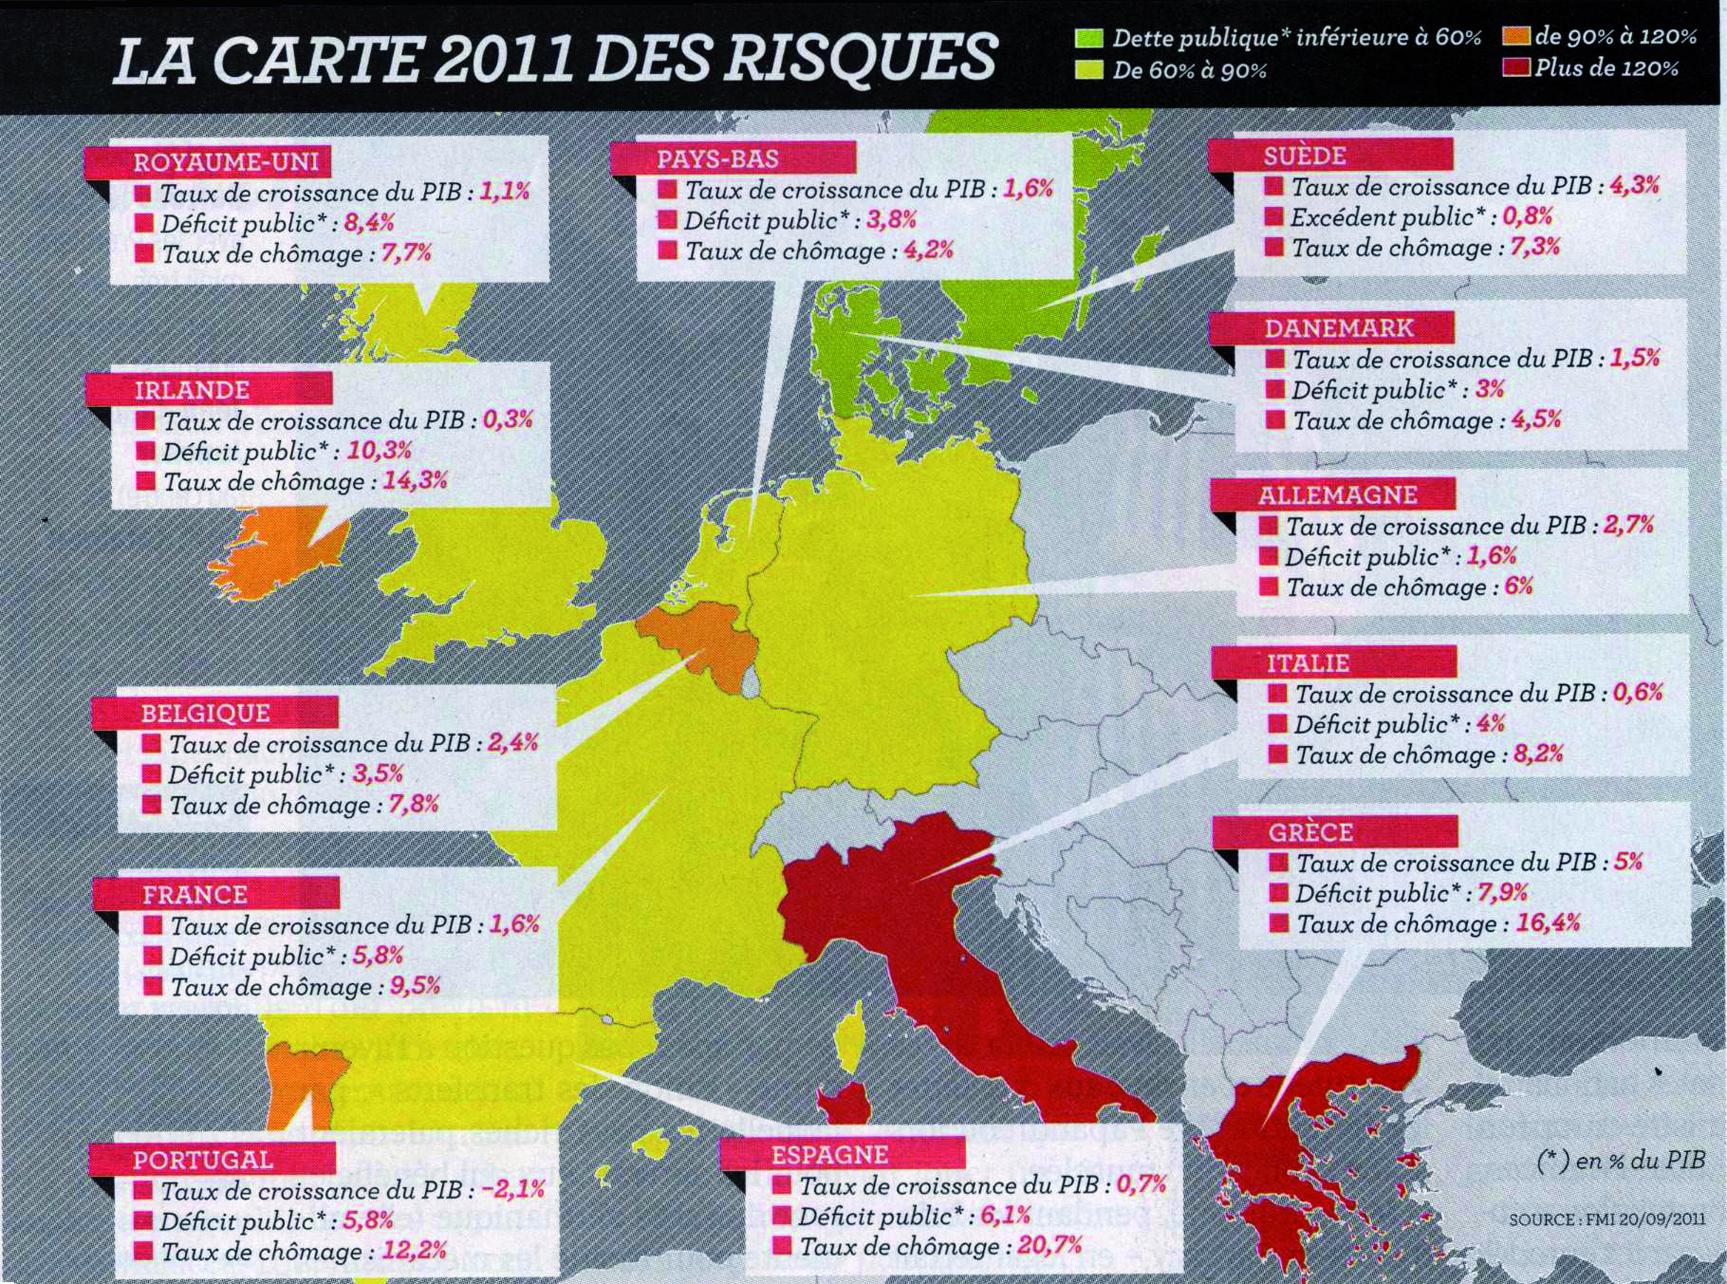 La «Crise» Dans L'union Européenne Vue Par Les Cartes dedans Carte Construction Européenne